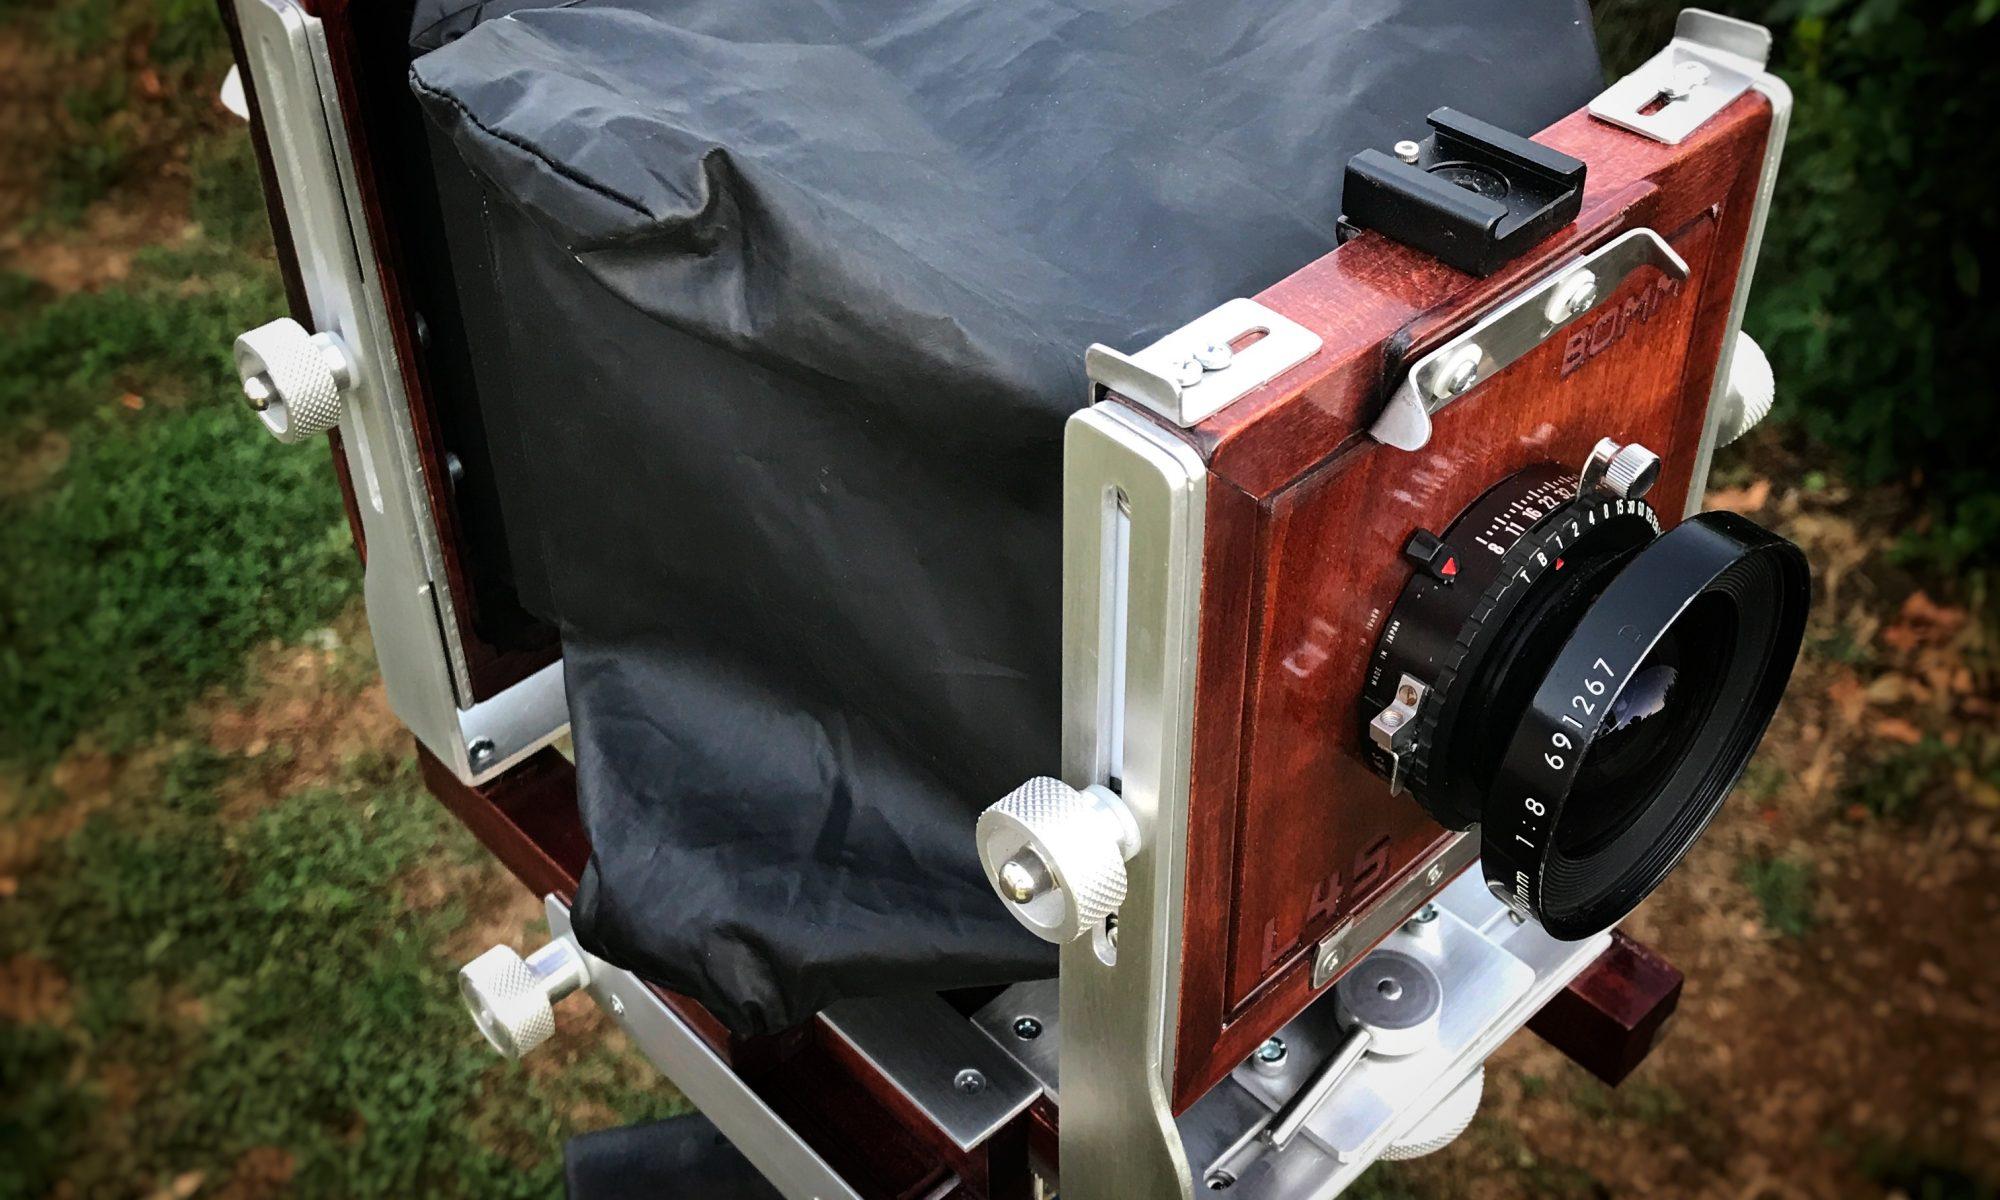 Artisan Large Format Cameras